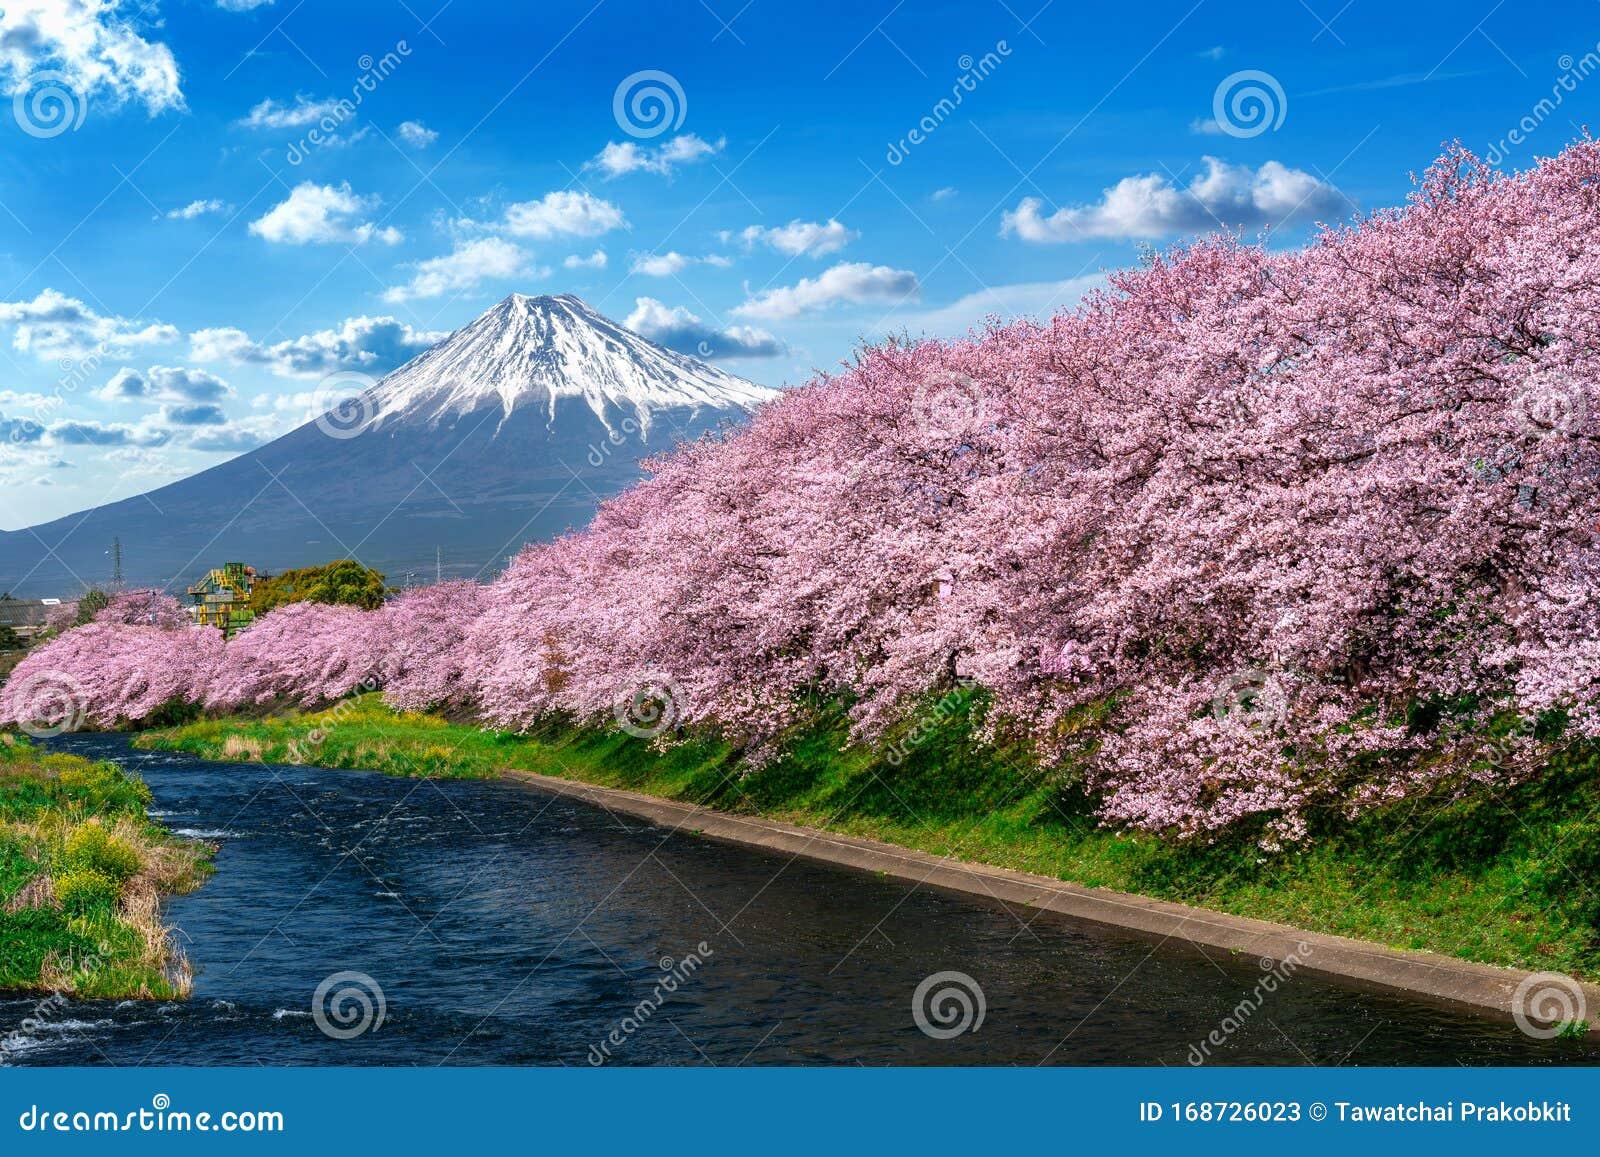 Pins Japanese Mt Fuji Cheery Blossom from Kyoto Japan